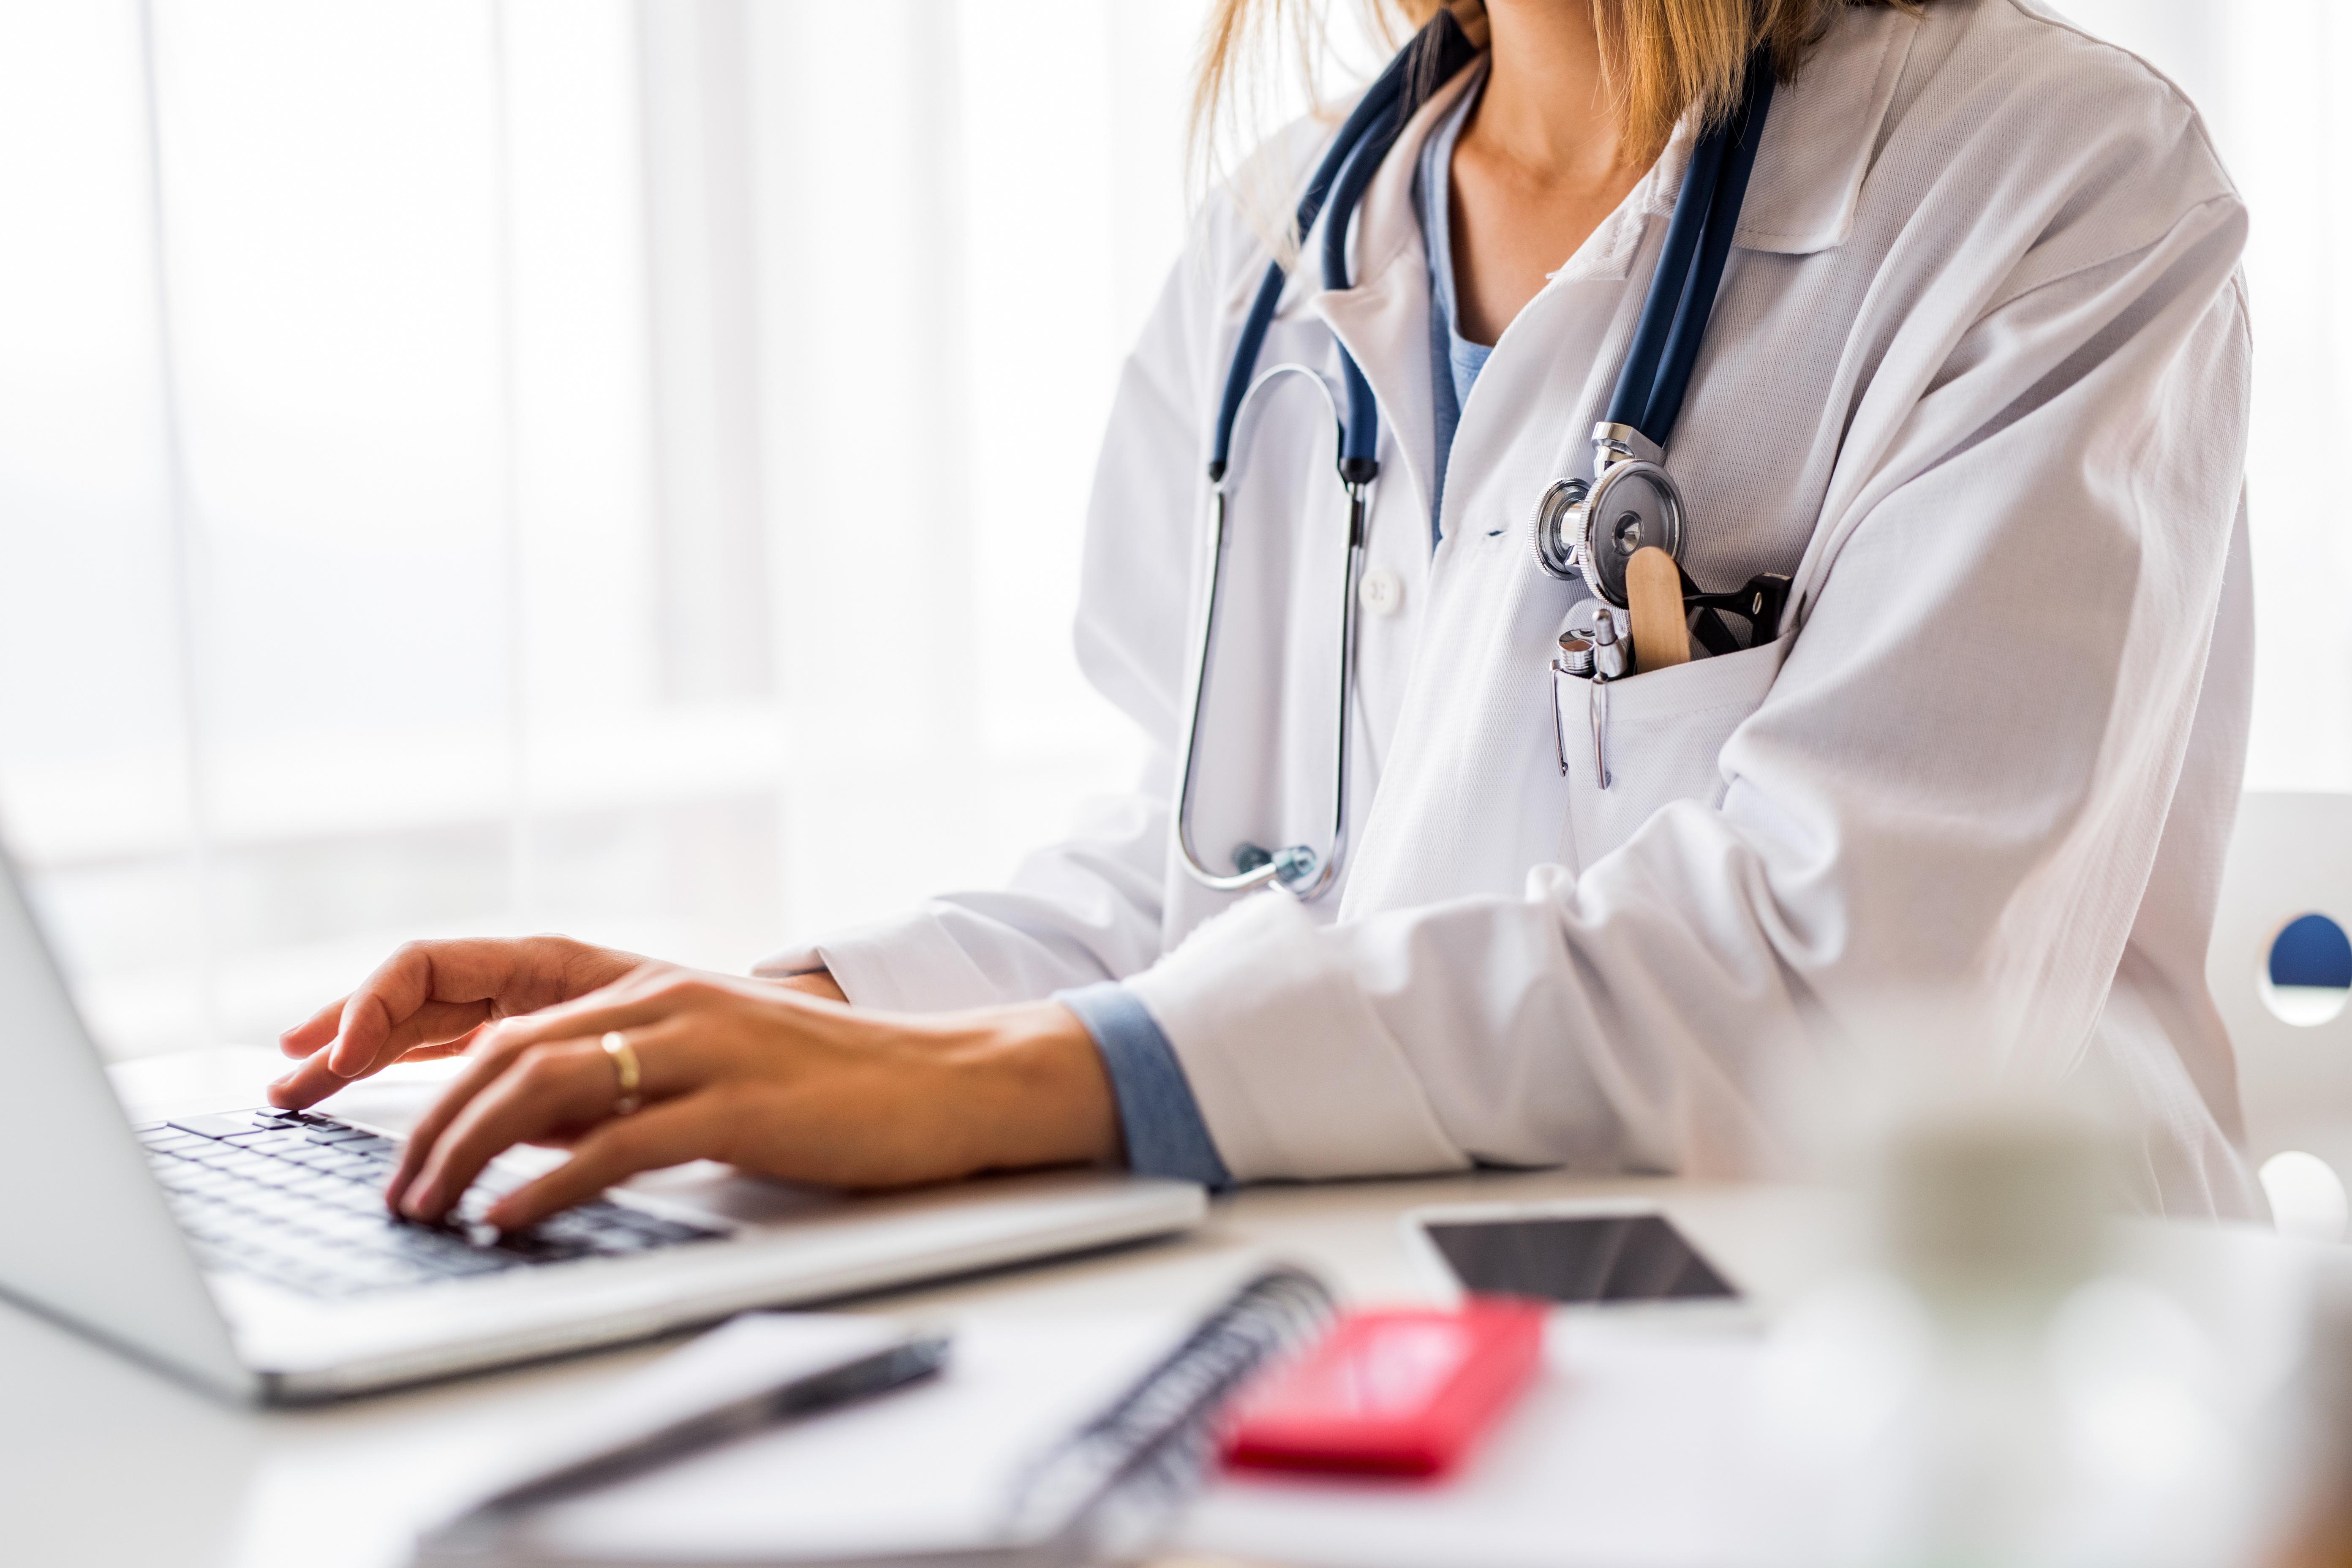 Os pilares do cuidado na prática médica